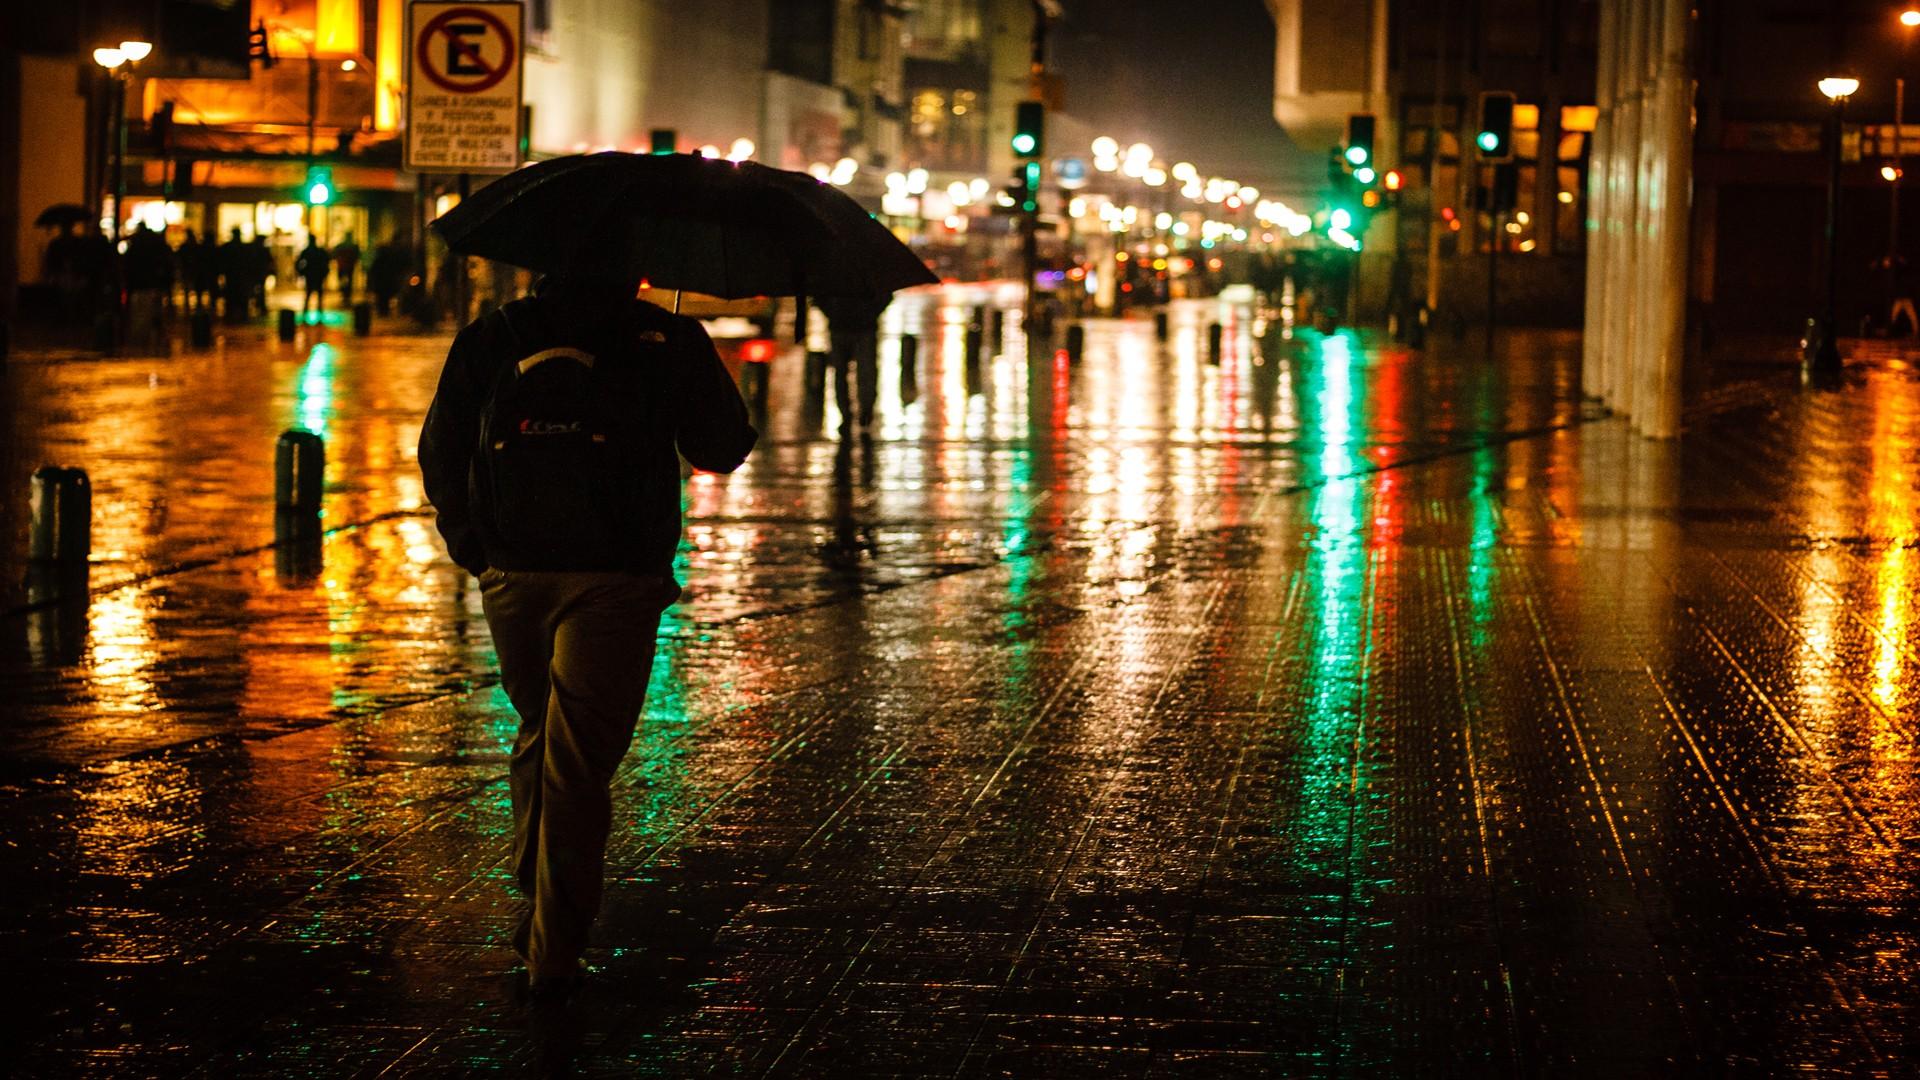 листовой фото парень идет ночью в дождь часть времени фактически